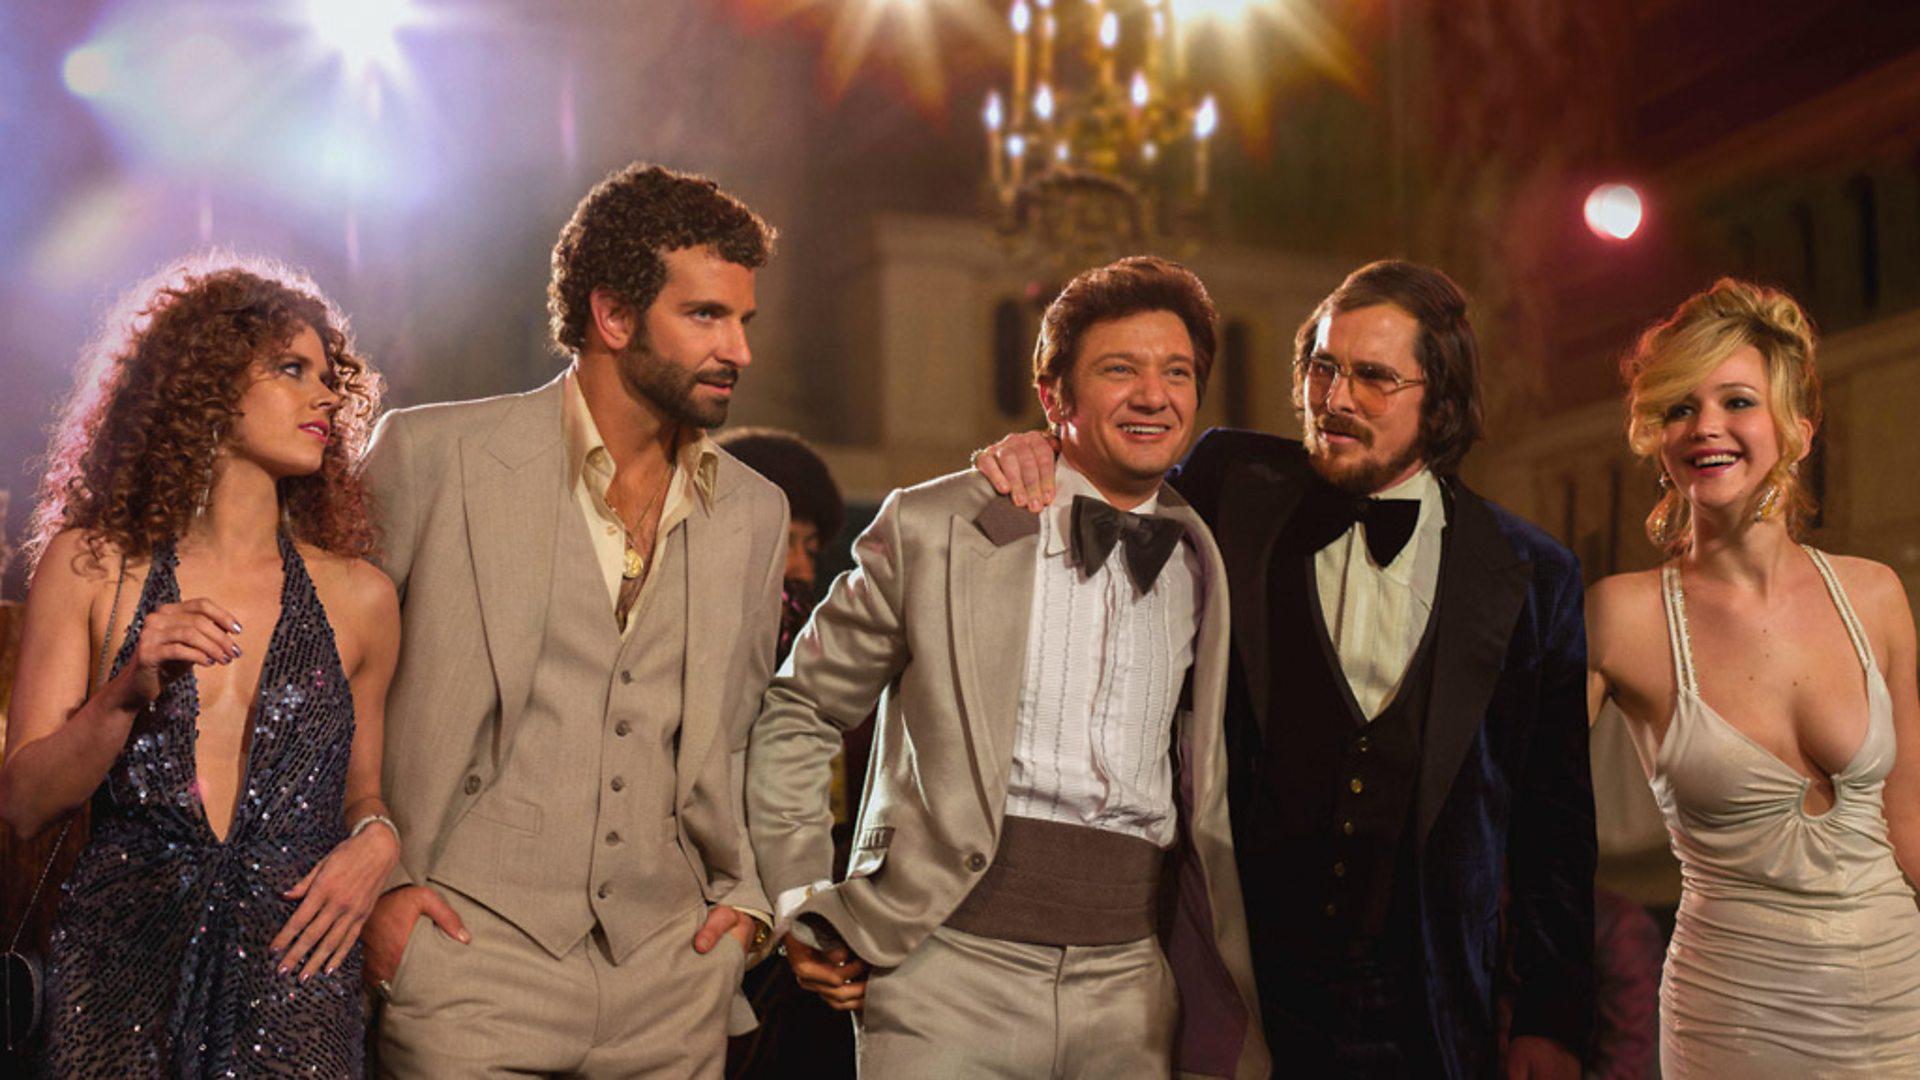 """En 2013, comenzó la filmación de""""La Gran estafa americana"""" de nuevo bajo las órdenes de David O. Russell. Compartió elenco con Jeremy Renner, Christian Bale, Amy Adams y Jennifer Lawrence"""